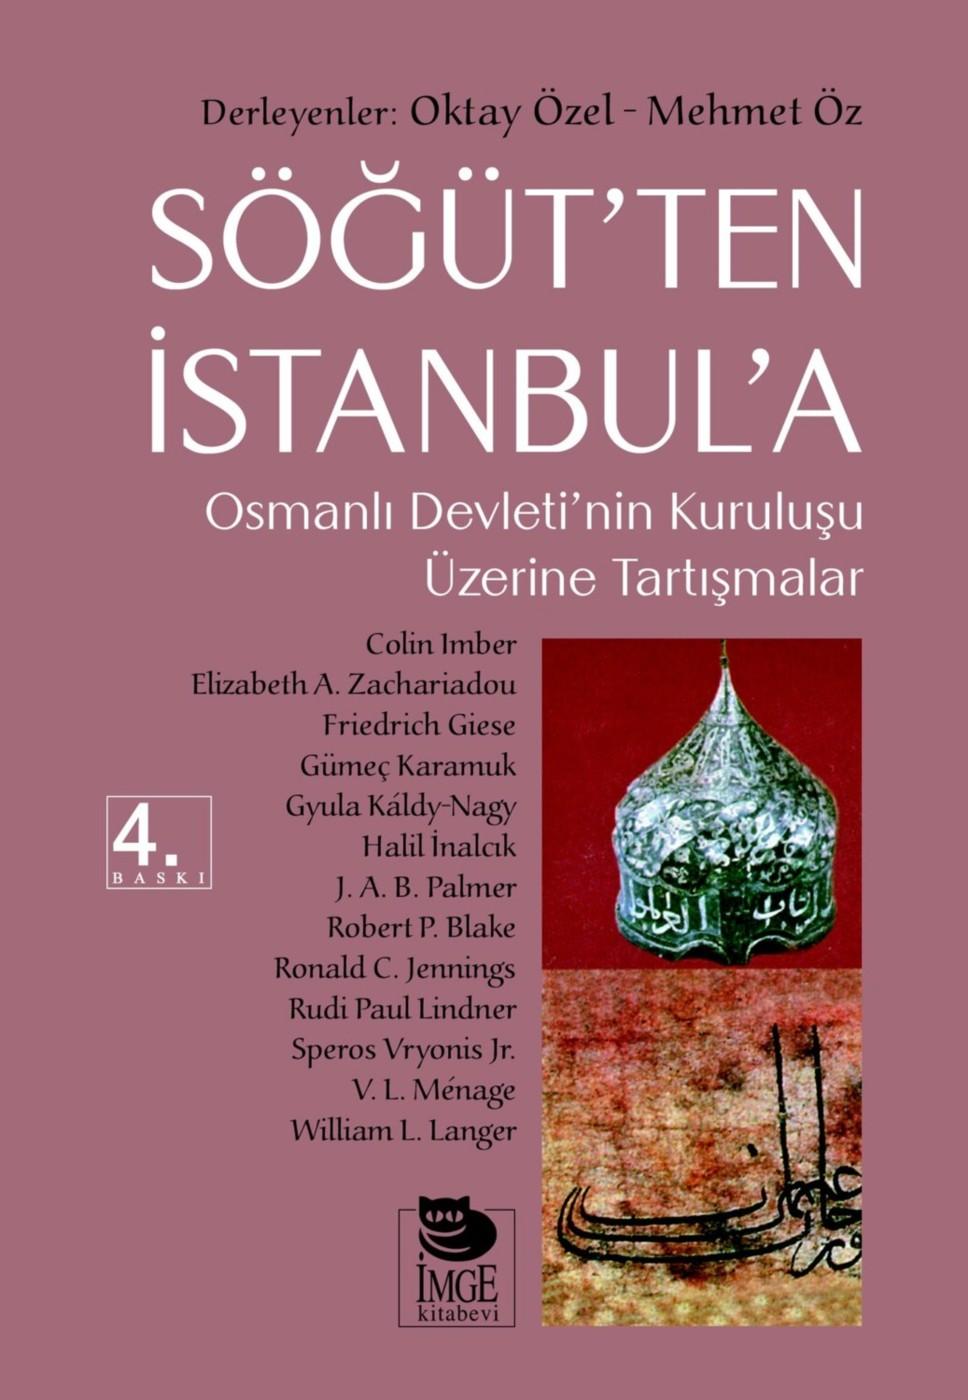 Söğüt'ten İstanbul'a - Osmanlı Devleti'nin Kuruluşu Üzerine Tartışmalar